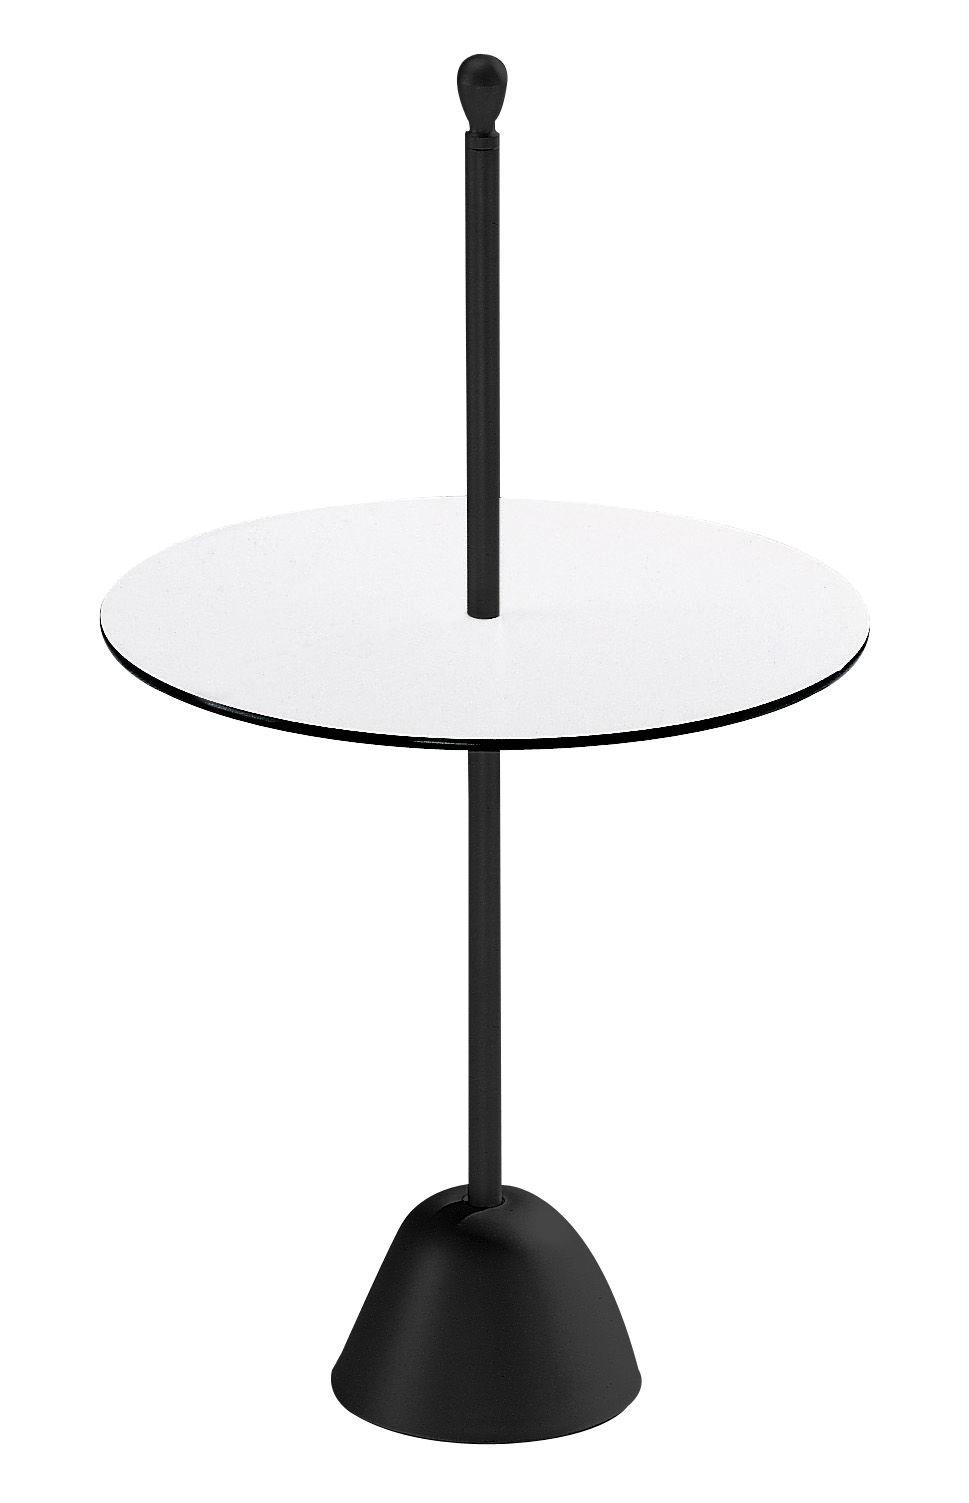 Möbel - Couchtische - Servomuto Beistelltisch - Zanotta - Schwarz - Tischplatte schwarz/weiß - gefirnister Stahl, stratifiziertes Laminat